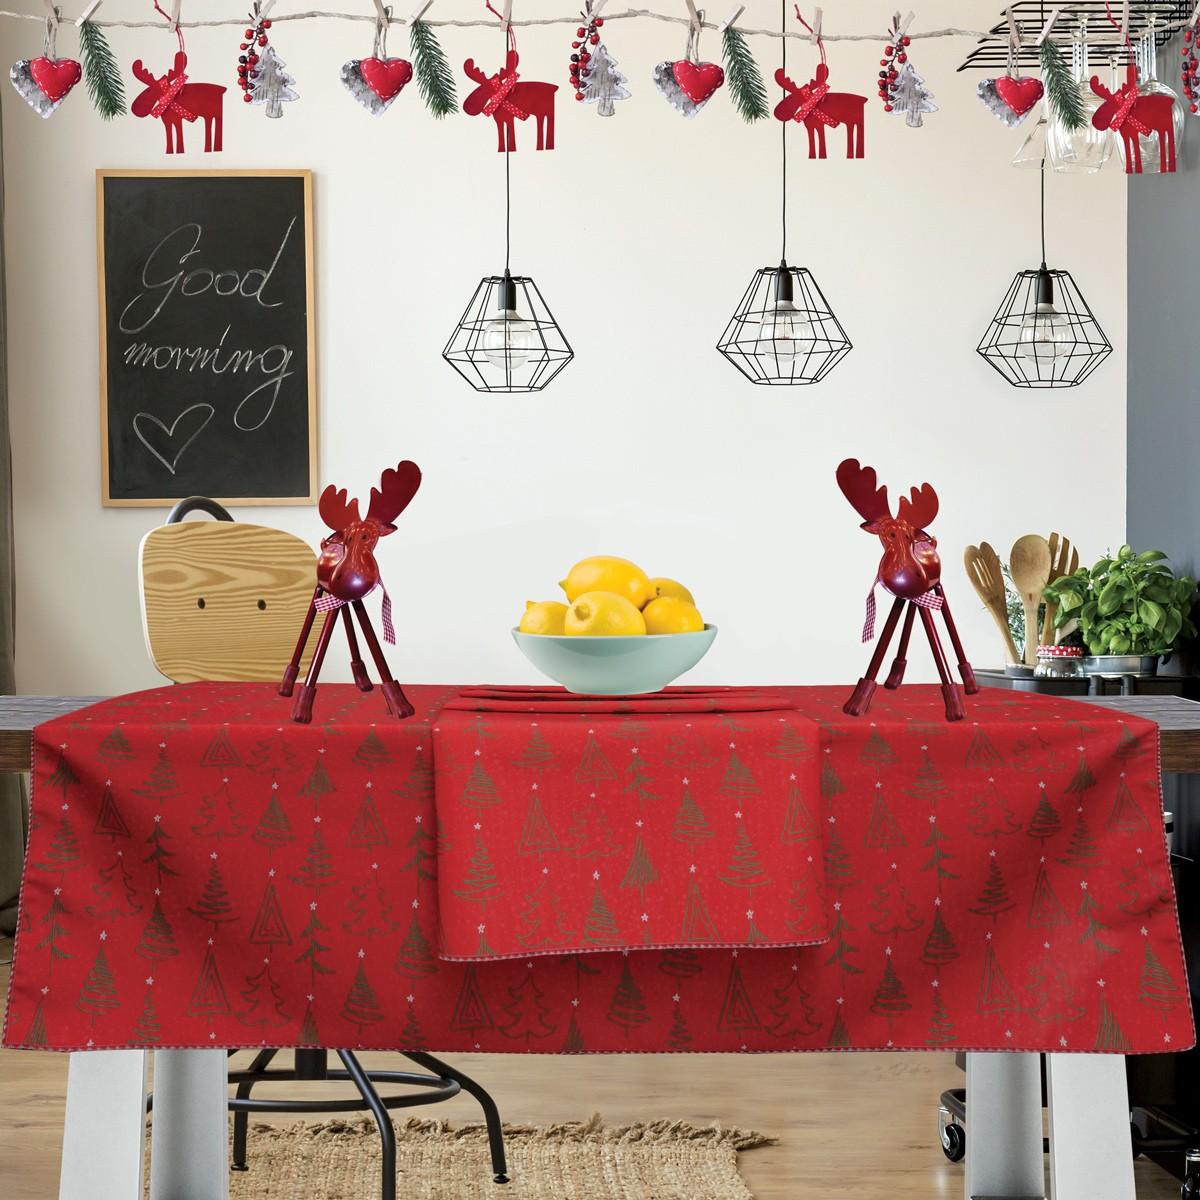 Χριστουγεννιάτικο Τραπεζομάντηλο (140×180) Das Home Kitchen 550